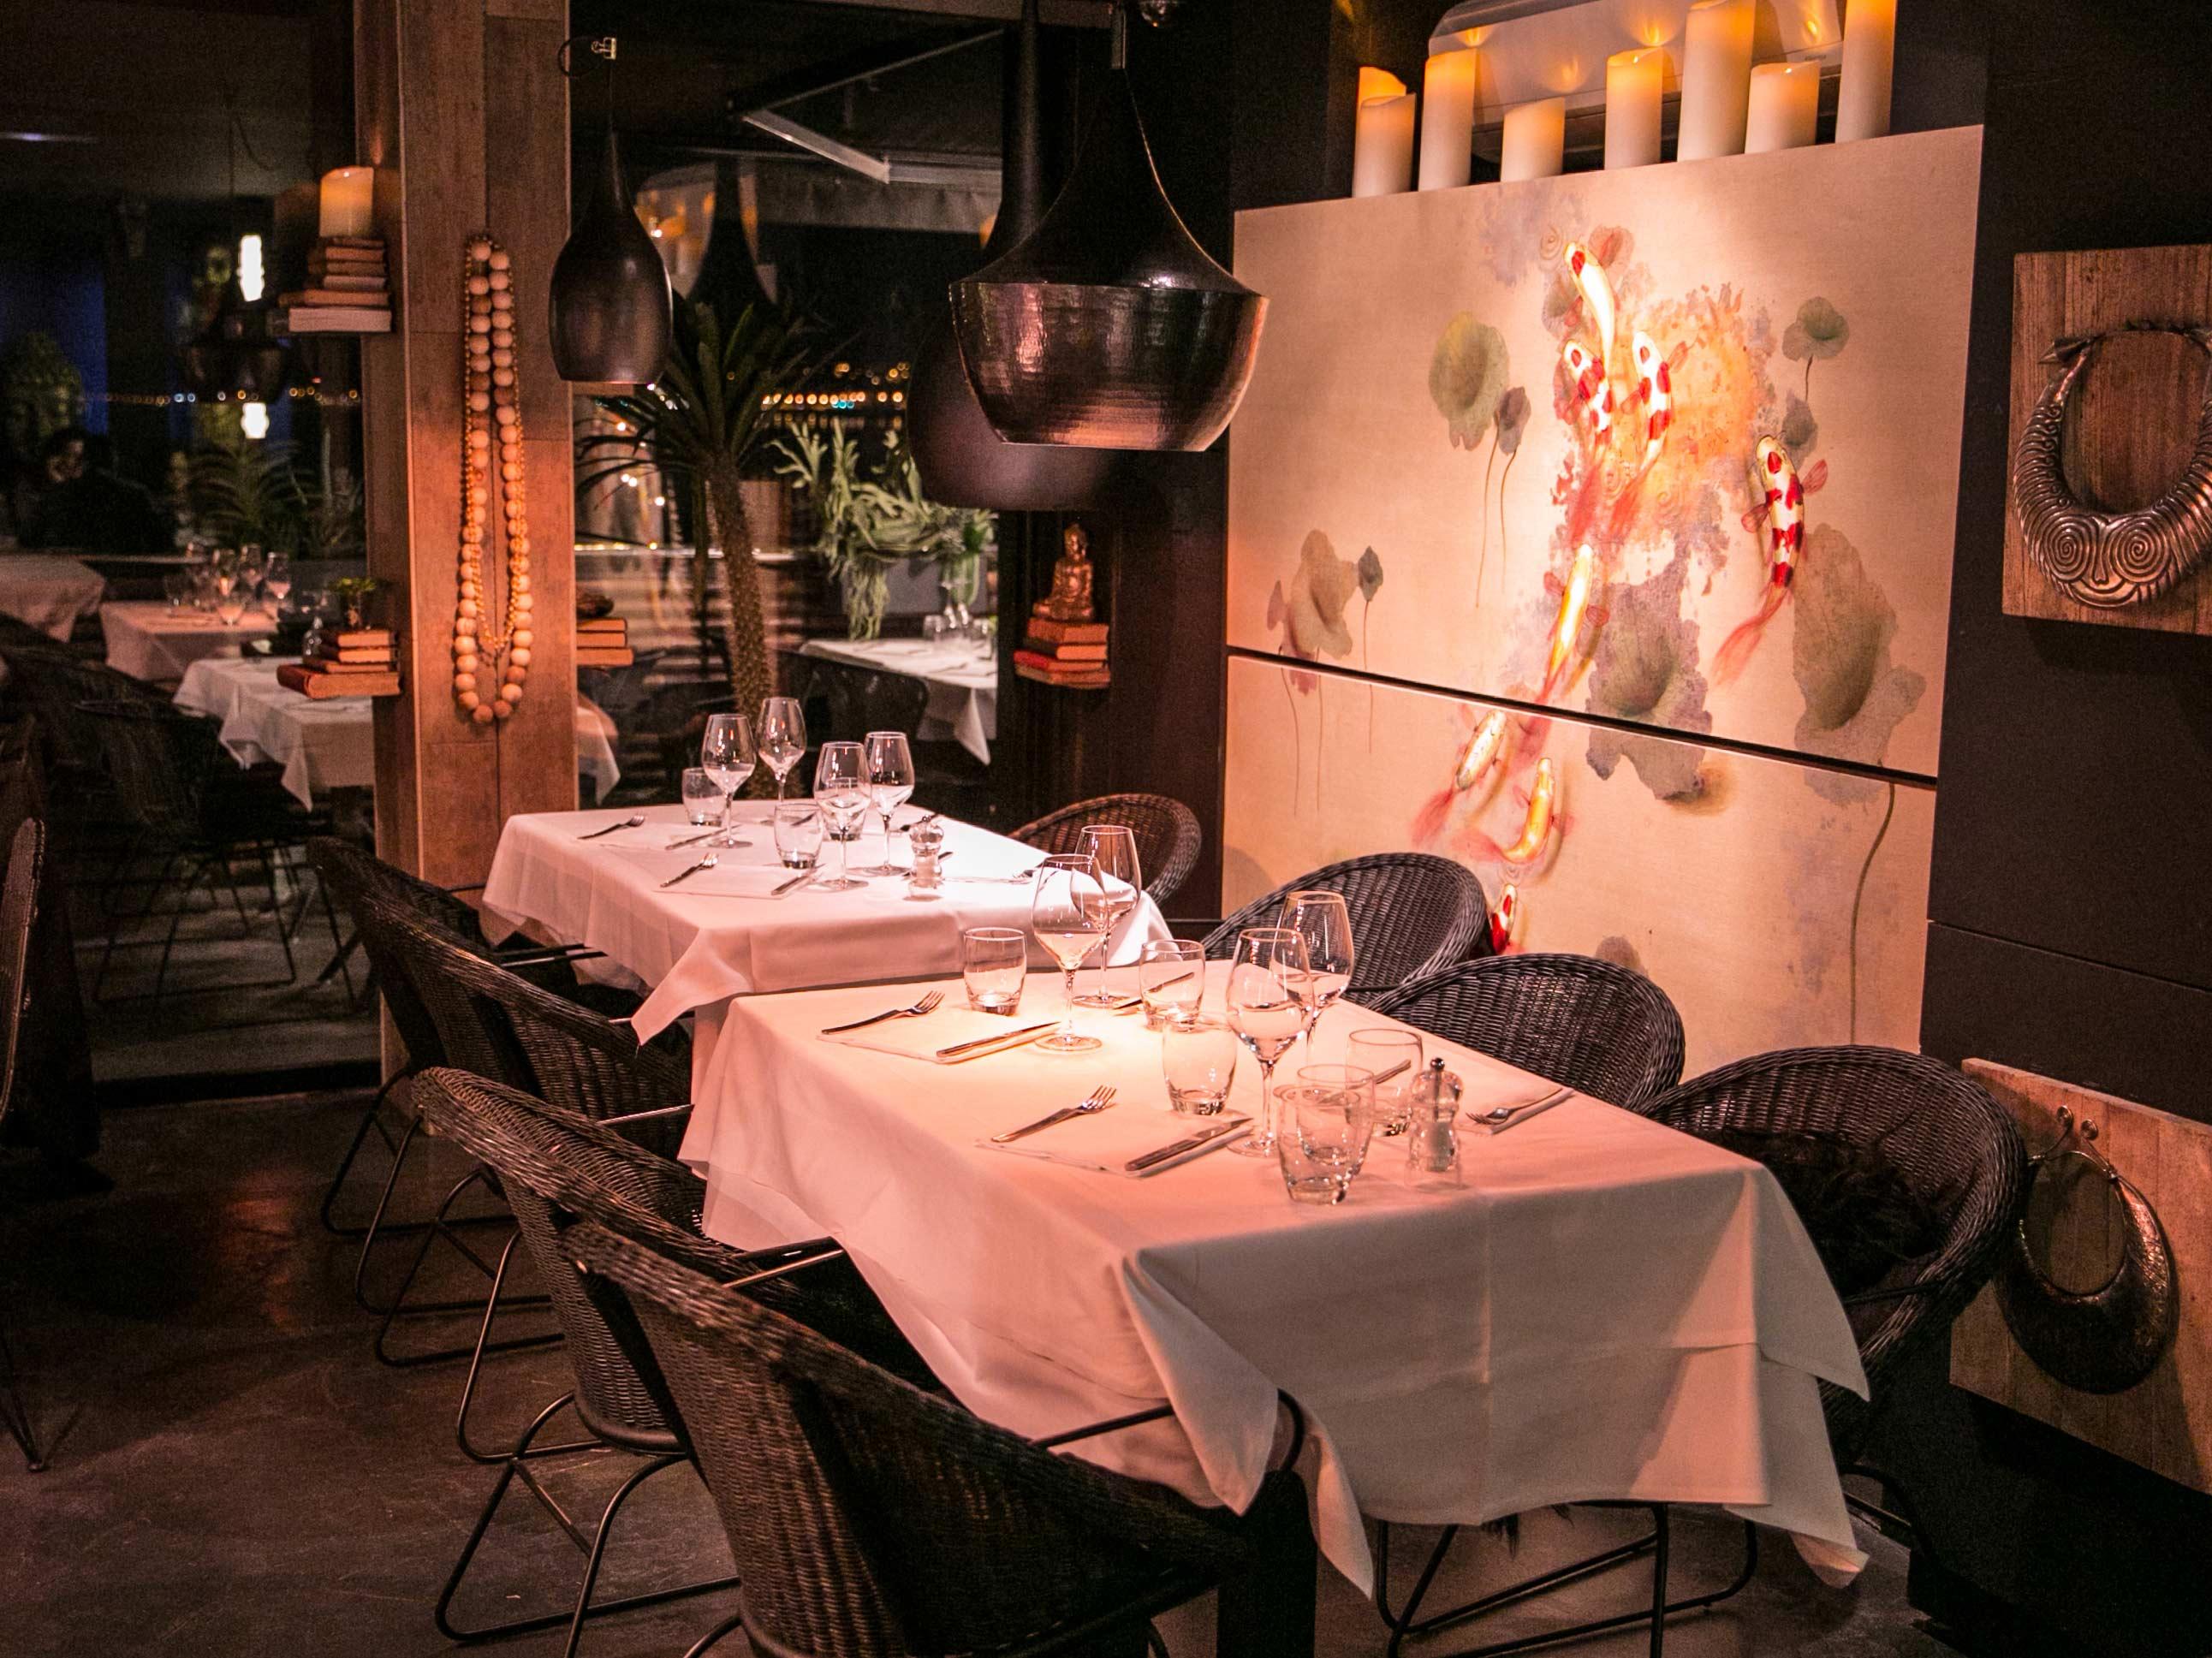 Restaurant ambiance asiatique chic